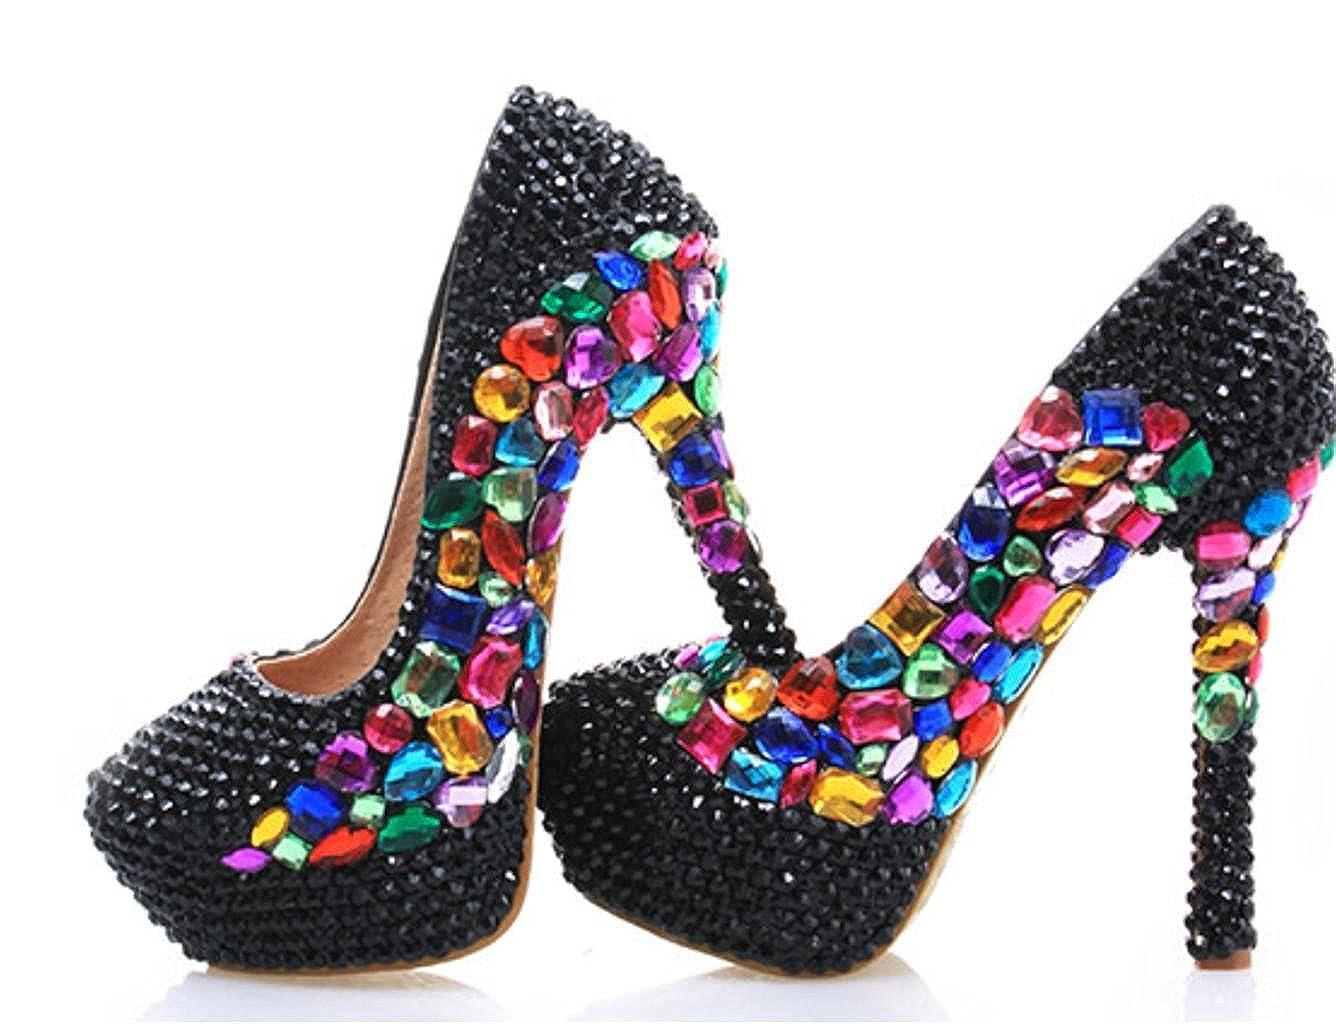 ChunSe Damen High Heels Frauen Schuhe Diamant Glitzer WunderschöNe Hochzeit Braut Abend Partei Kristall Farbe Diamant Schuhe High Heels 7da8a9